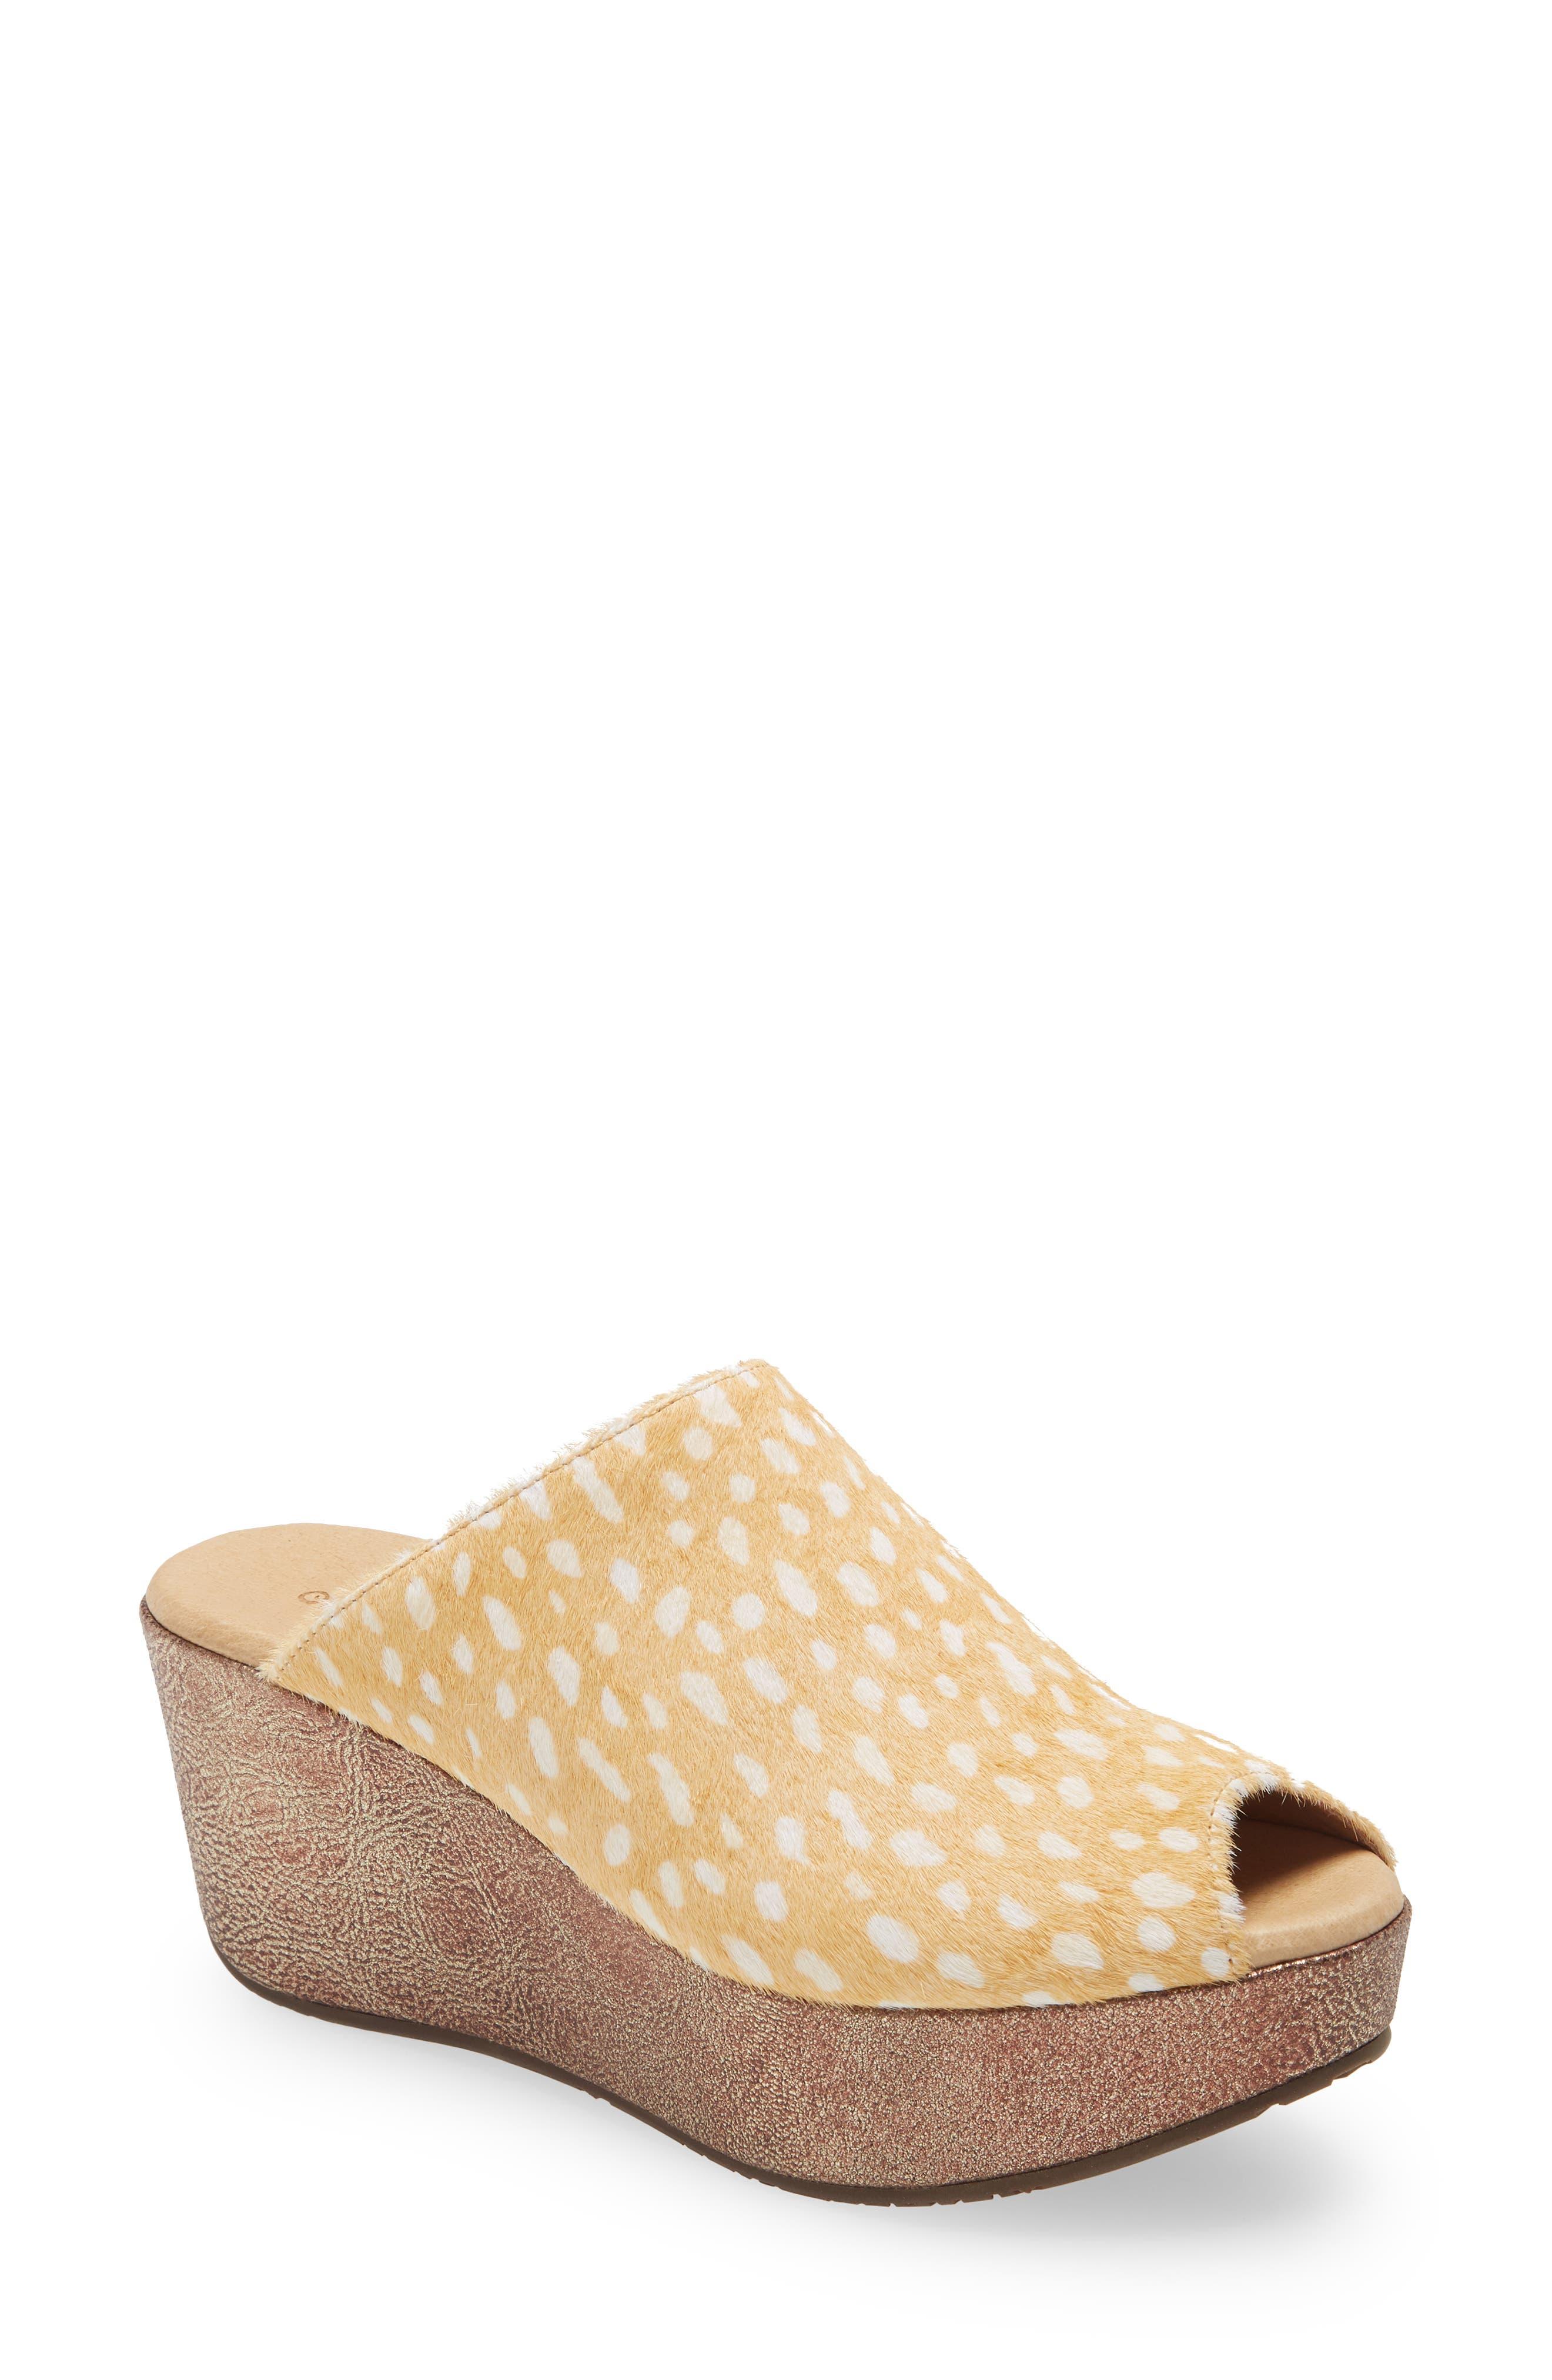 Yiona Genuine Calf Hair Wedge Slide Sandal